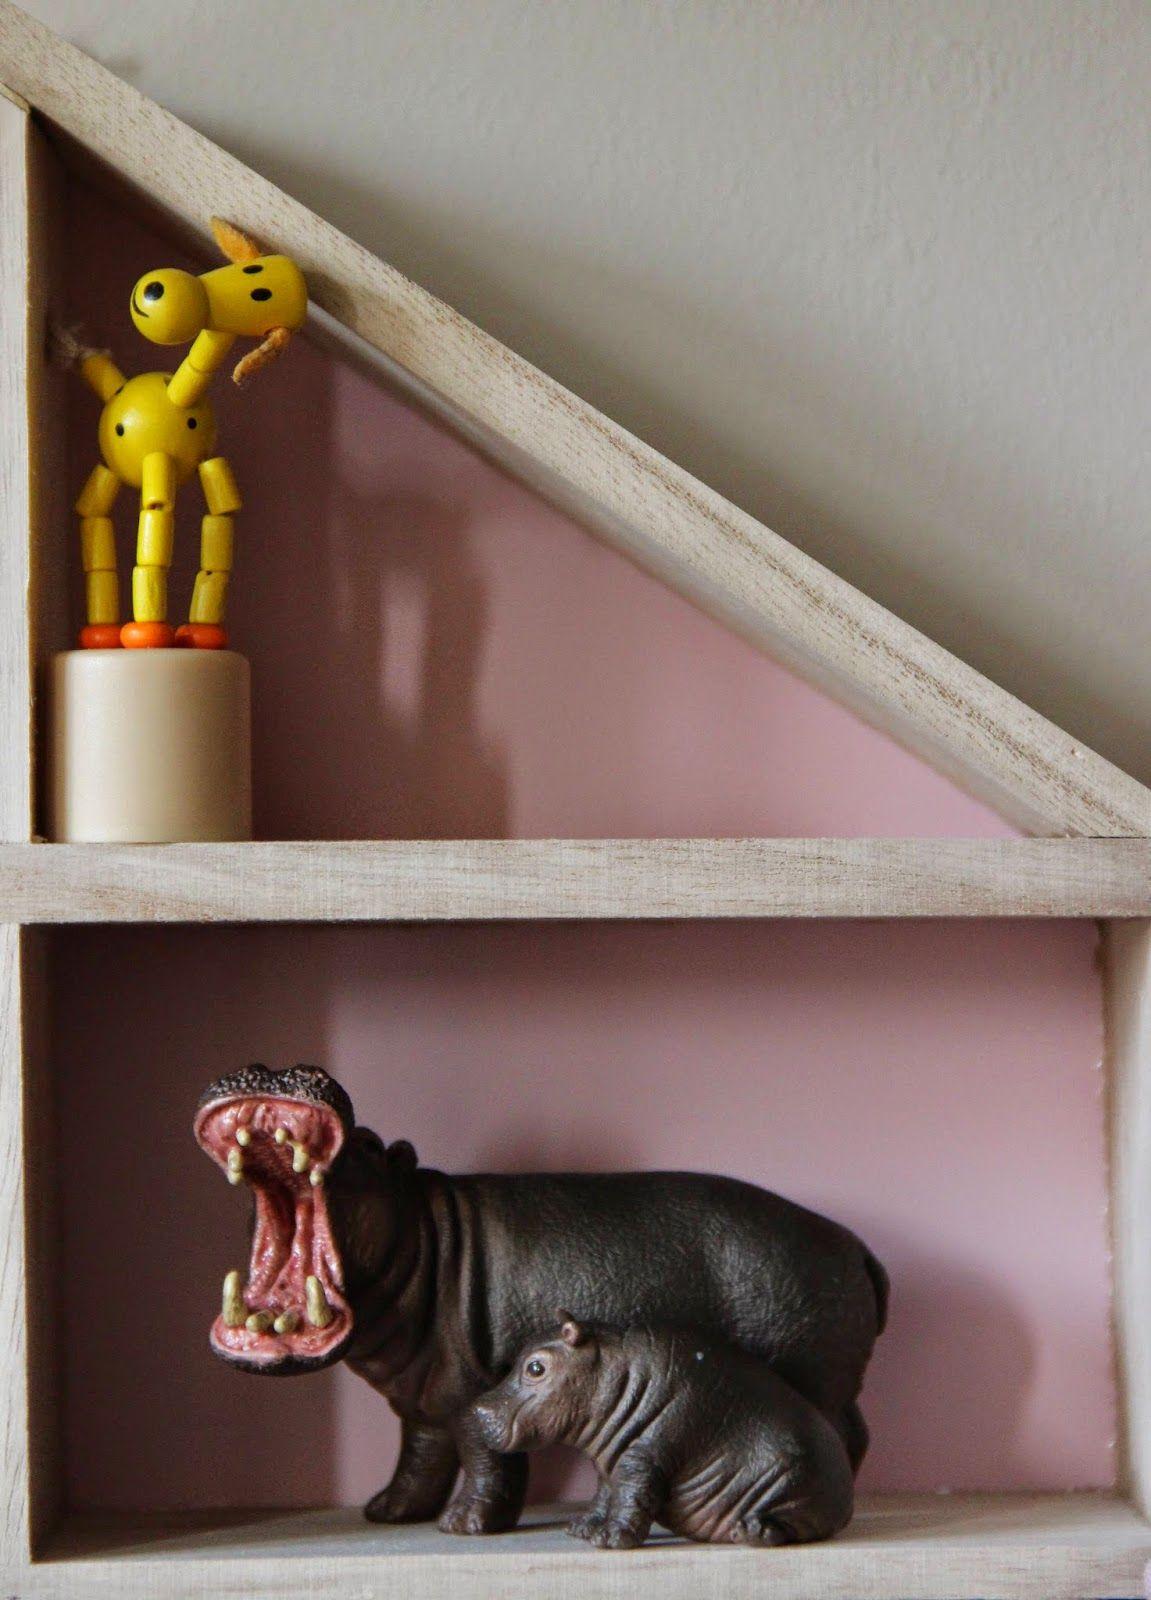 Ordnung im Kinderzimmer  http://zeitschriftenwurm.blogspot.de/2015/01/ordnung-im-kinderzimmer.html  #bloomingville #schleich #schleichtiere